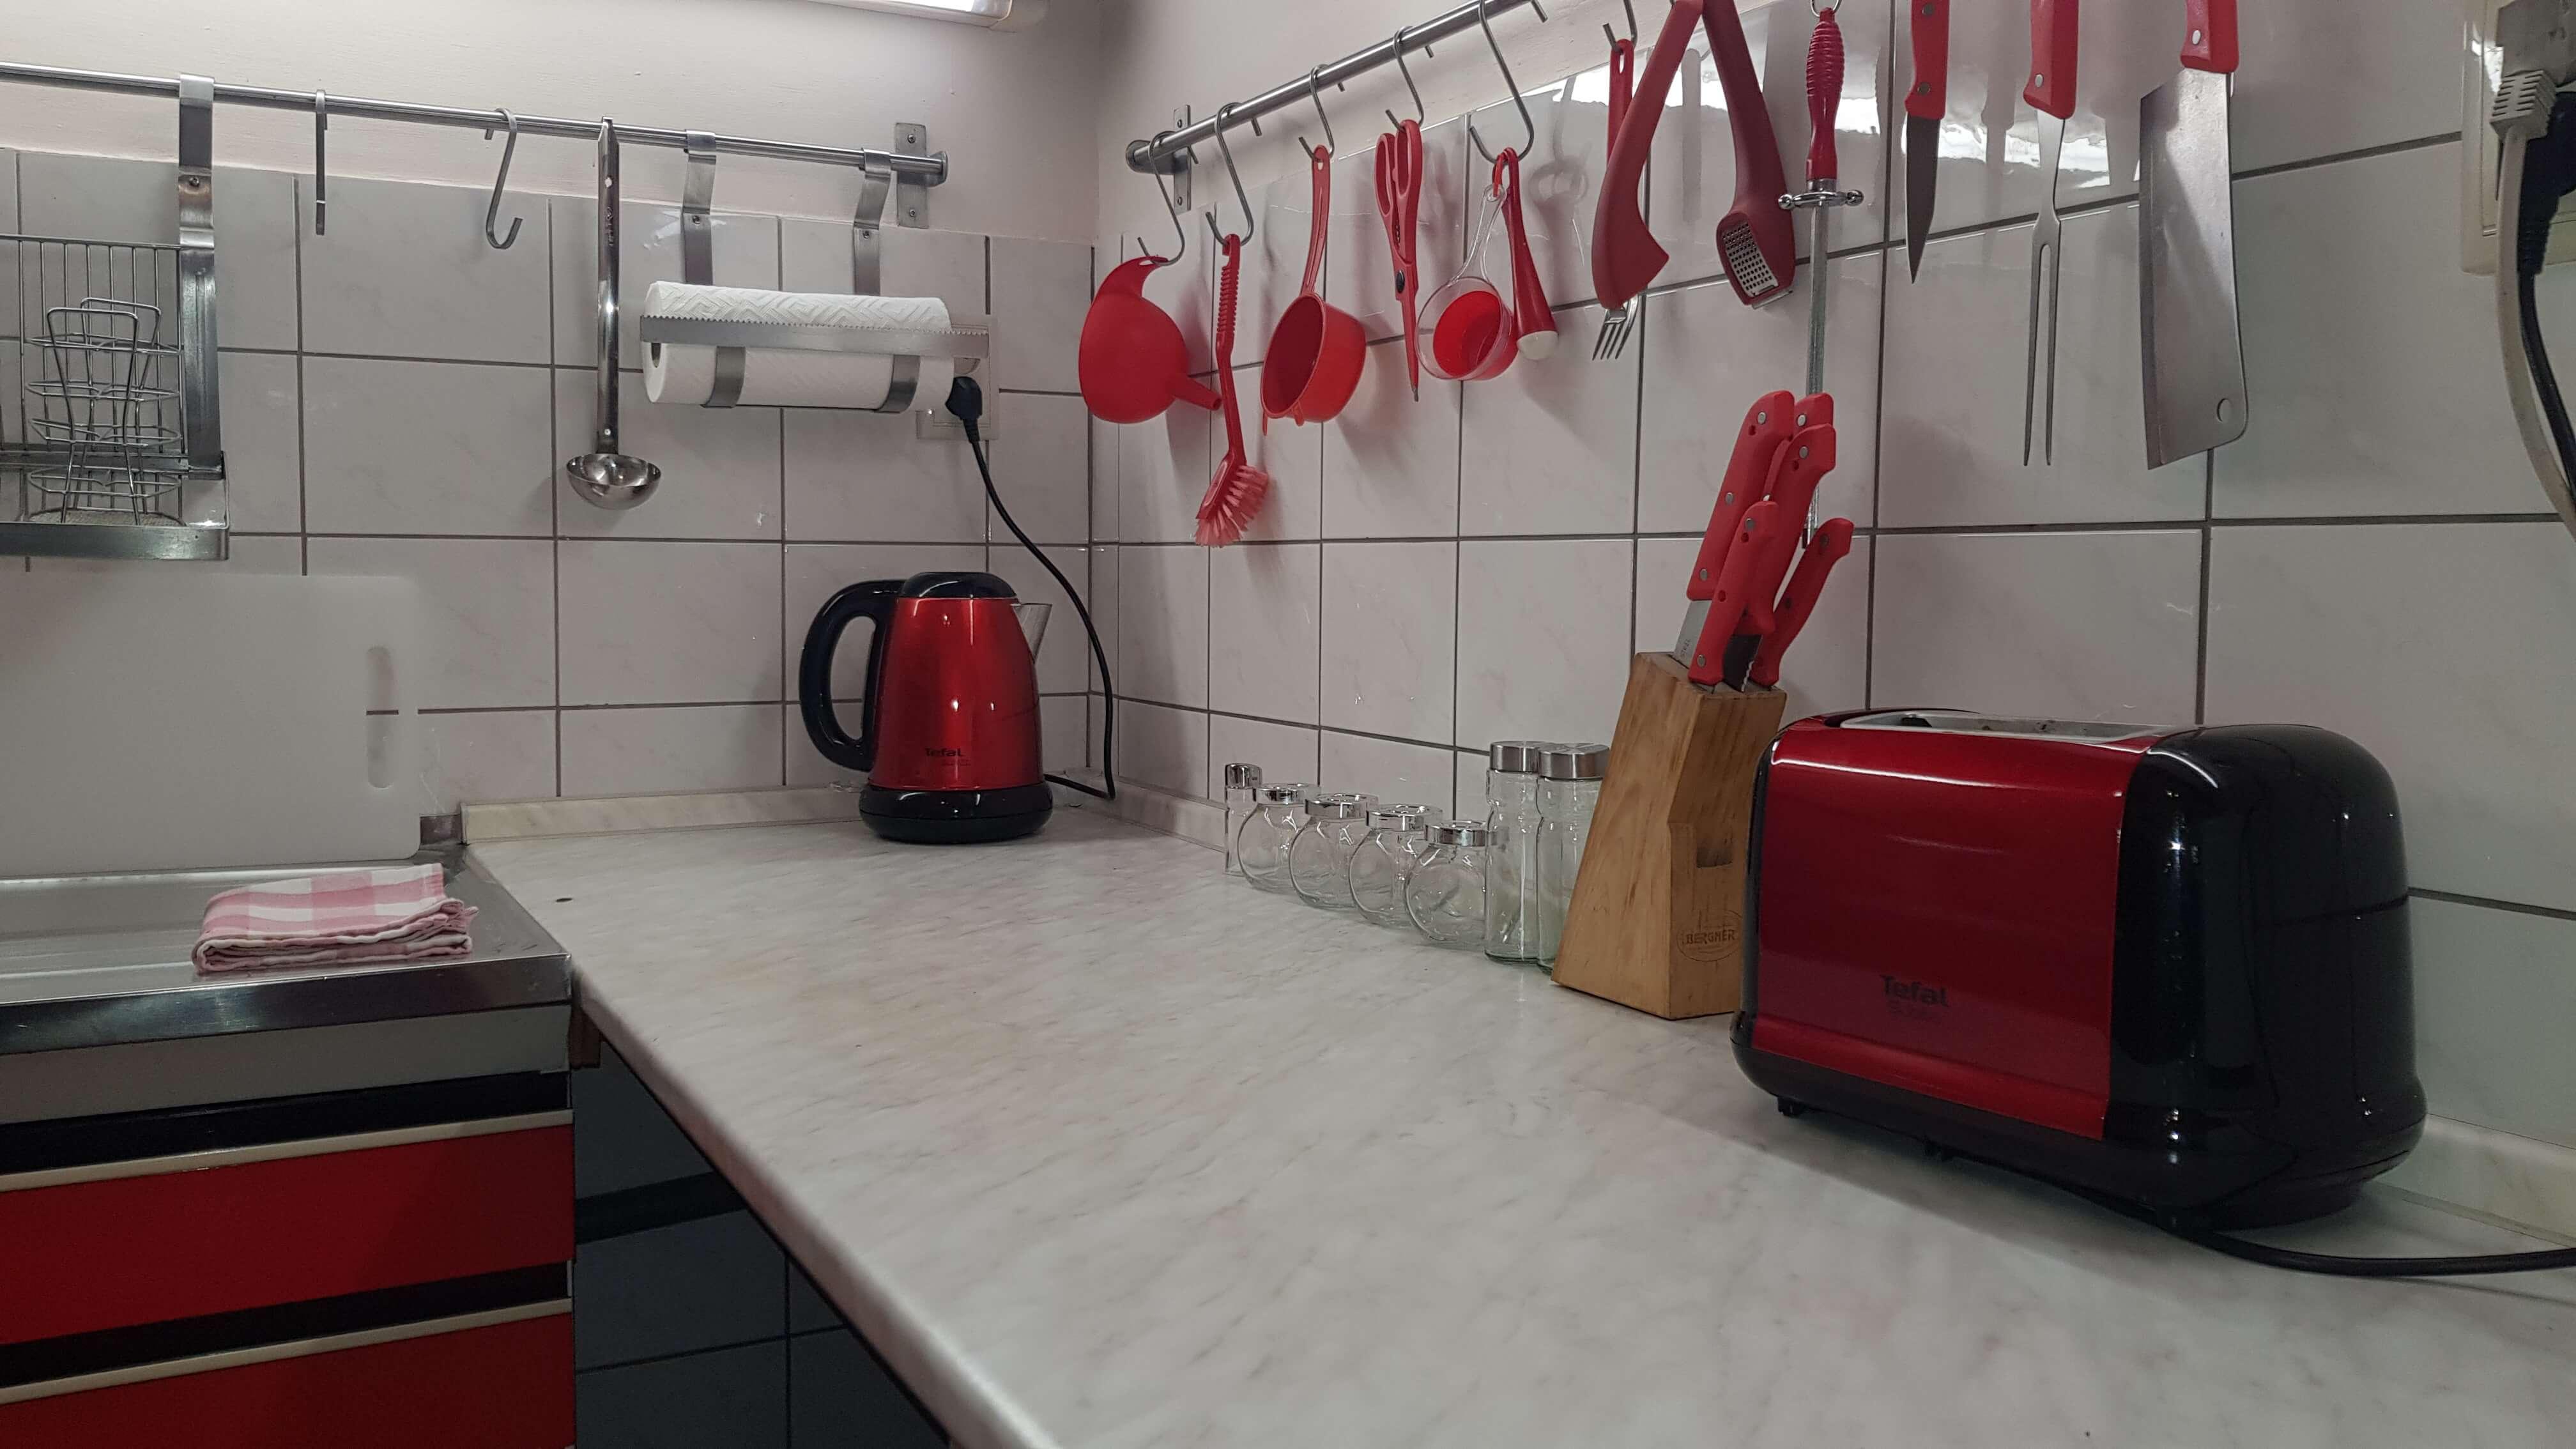 Prenájom jednej izby v 2 izb. byte, staré mesto, Šancová ulica, Bratislava, 80m2, zariadený-27